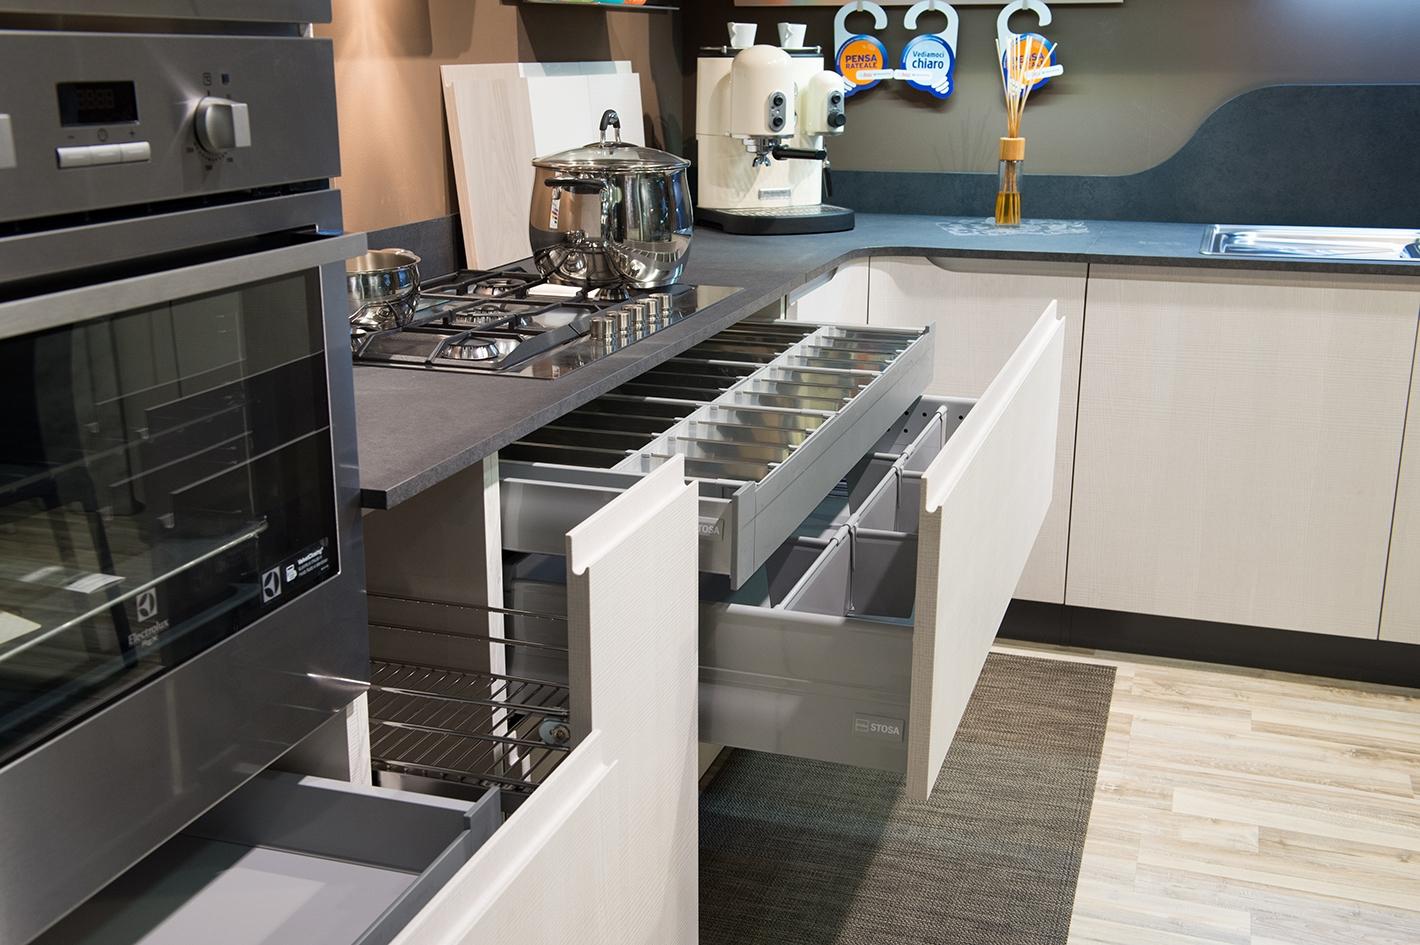 Cucina stosa mod bring cucine a prezzi scontati - Spessore top cucina ...